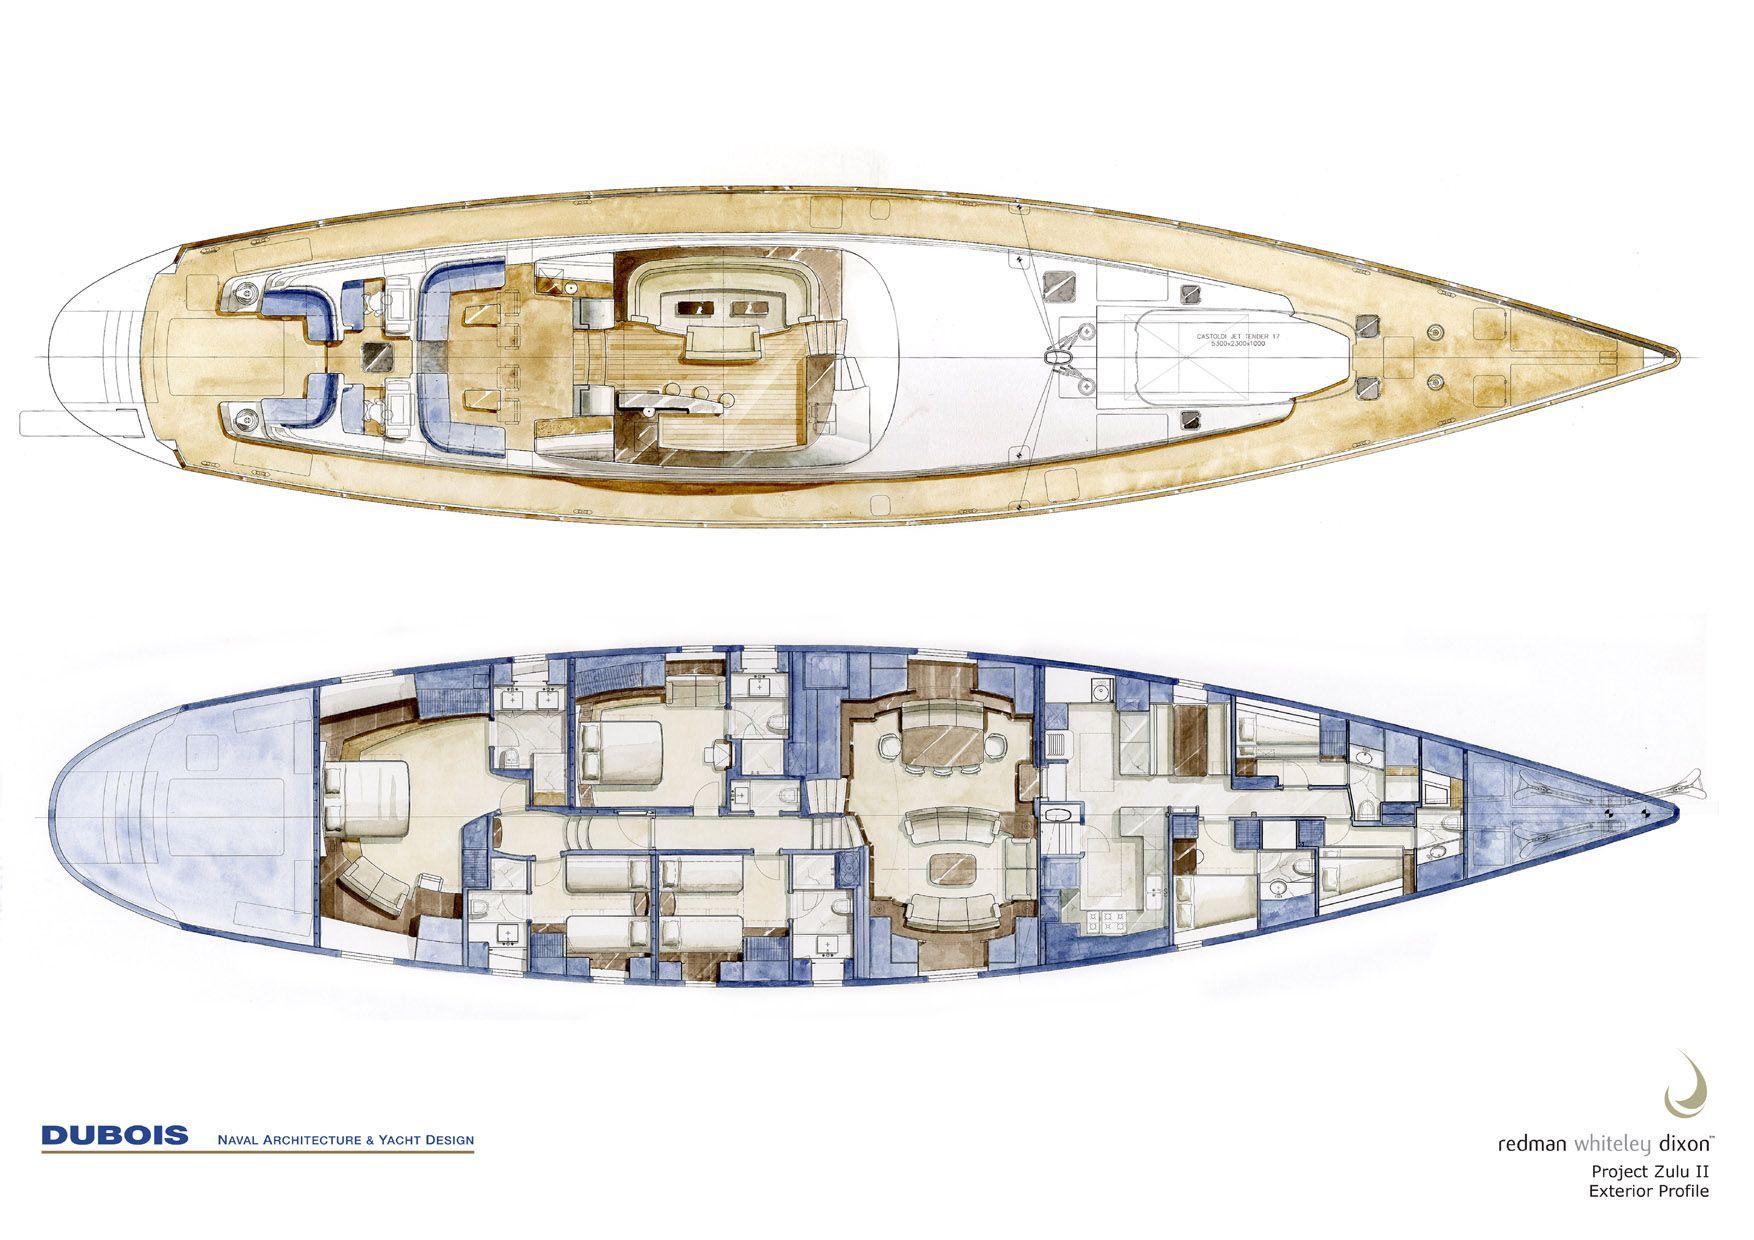 Boat Interior Design eco friendly interior design - google search | inter_ studio 4 _